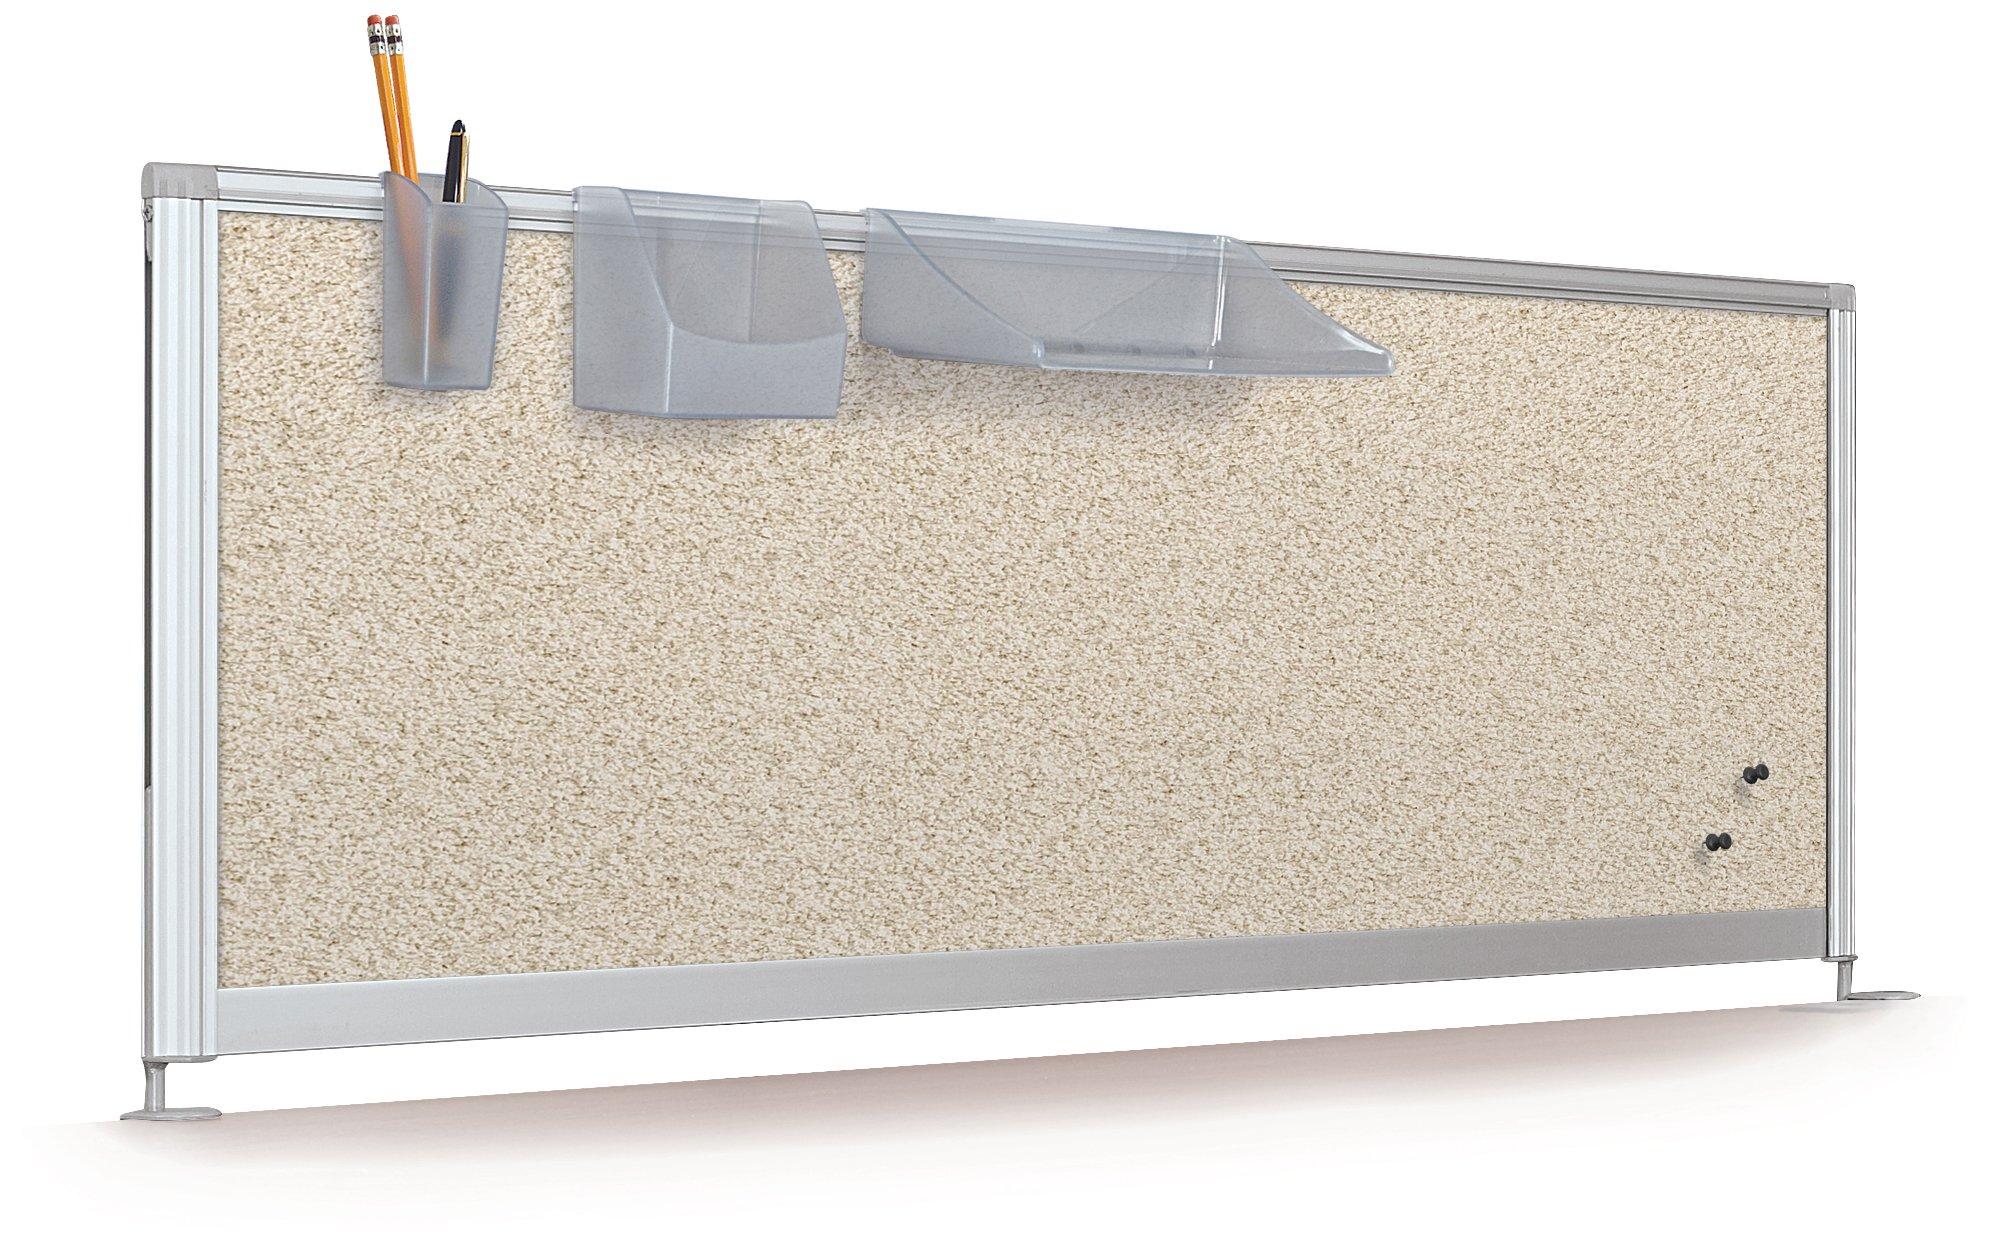 Balt Desktop Privacy Panel, 58-Inch Pebbles Vinyl Quarry by Balt (Image #2)